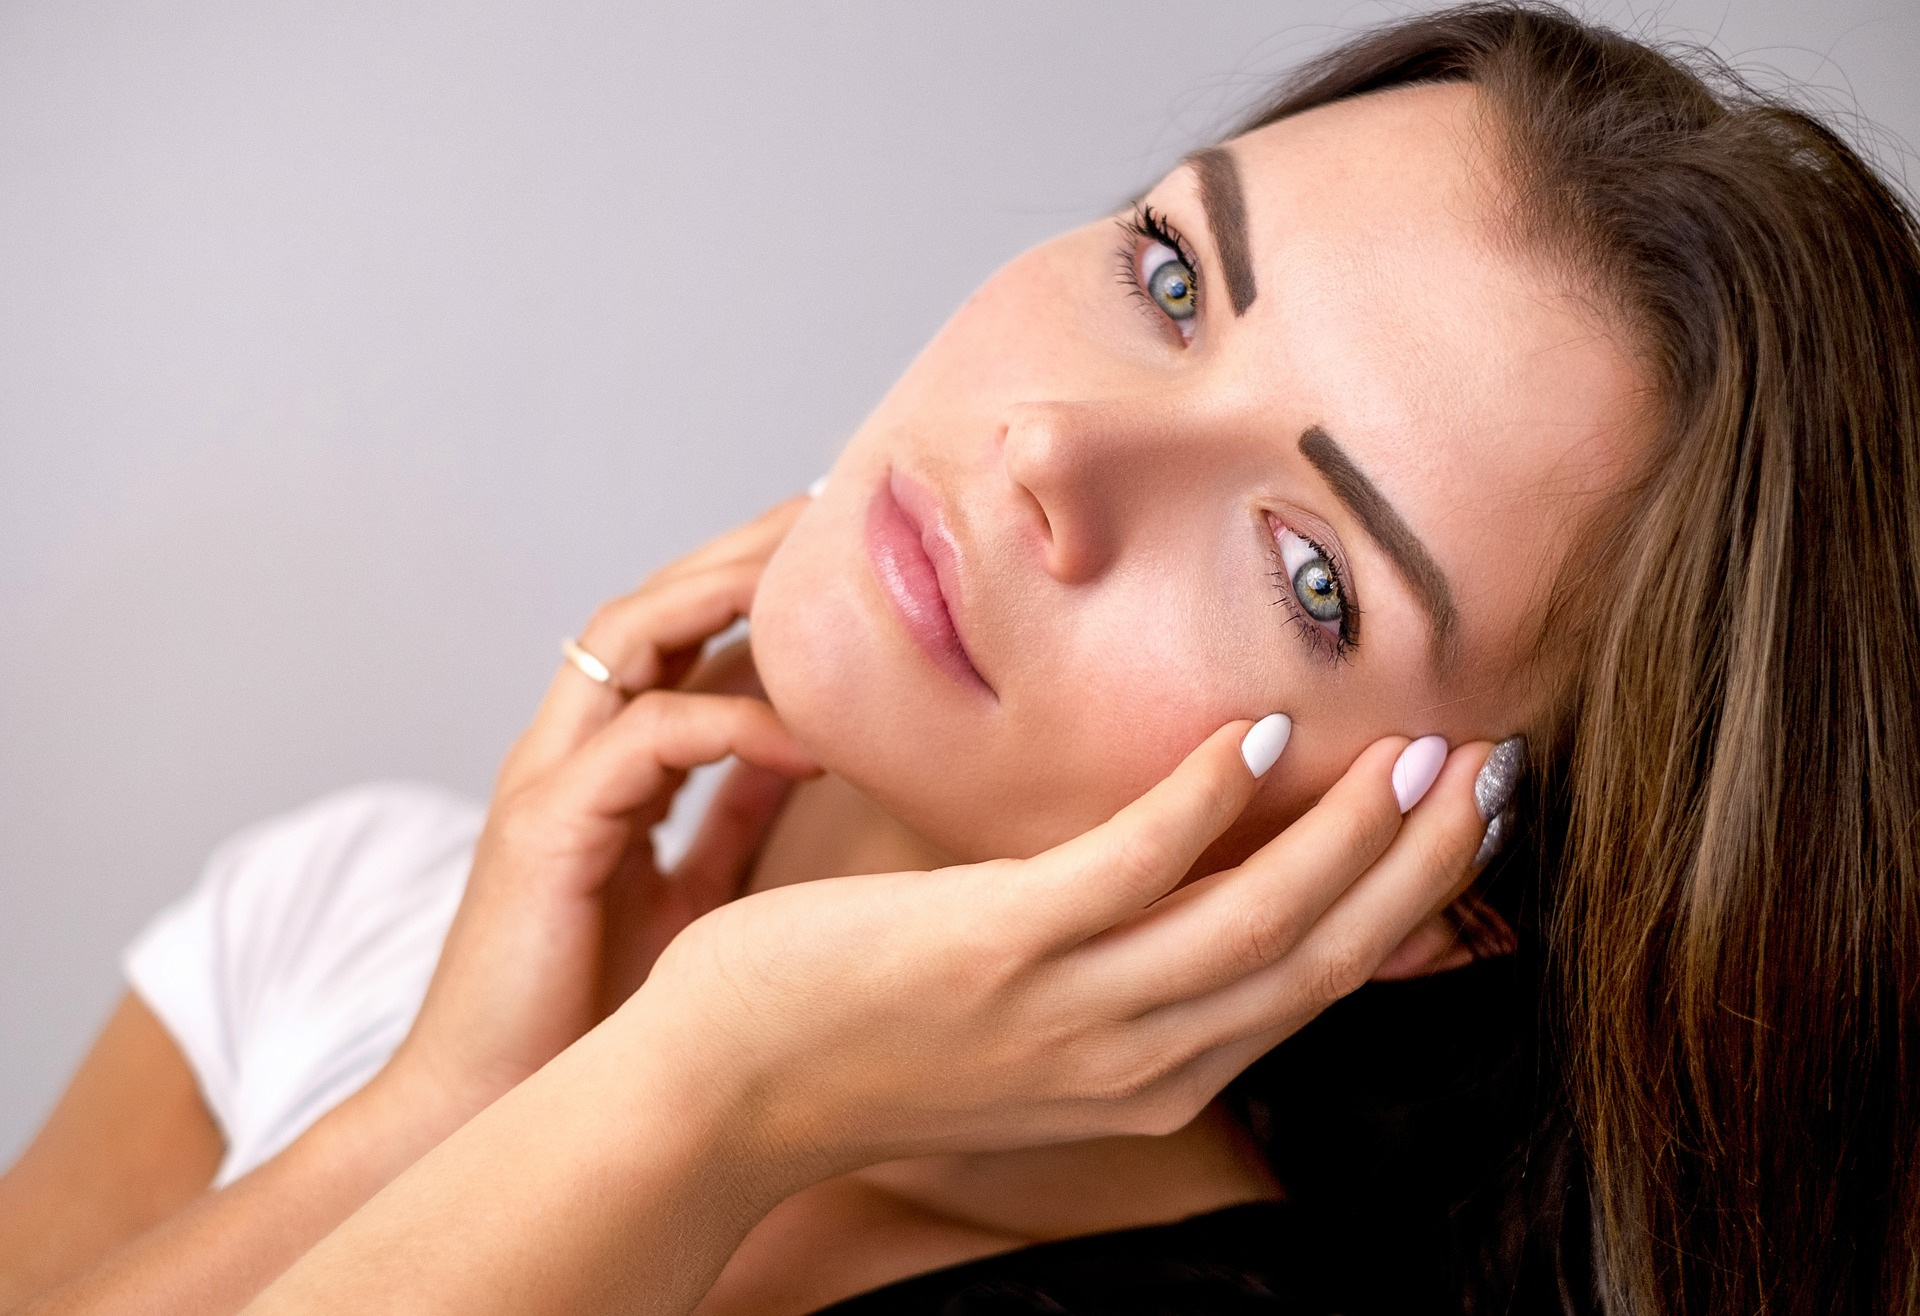 מיצוק העור - אילו טיפולים מומלצים